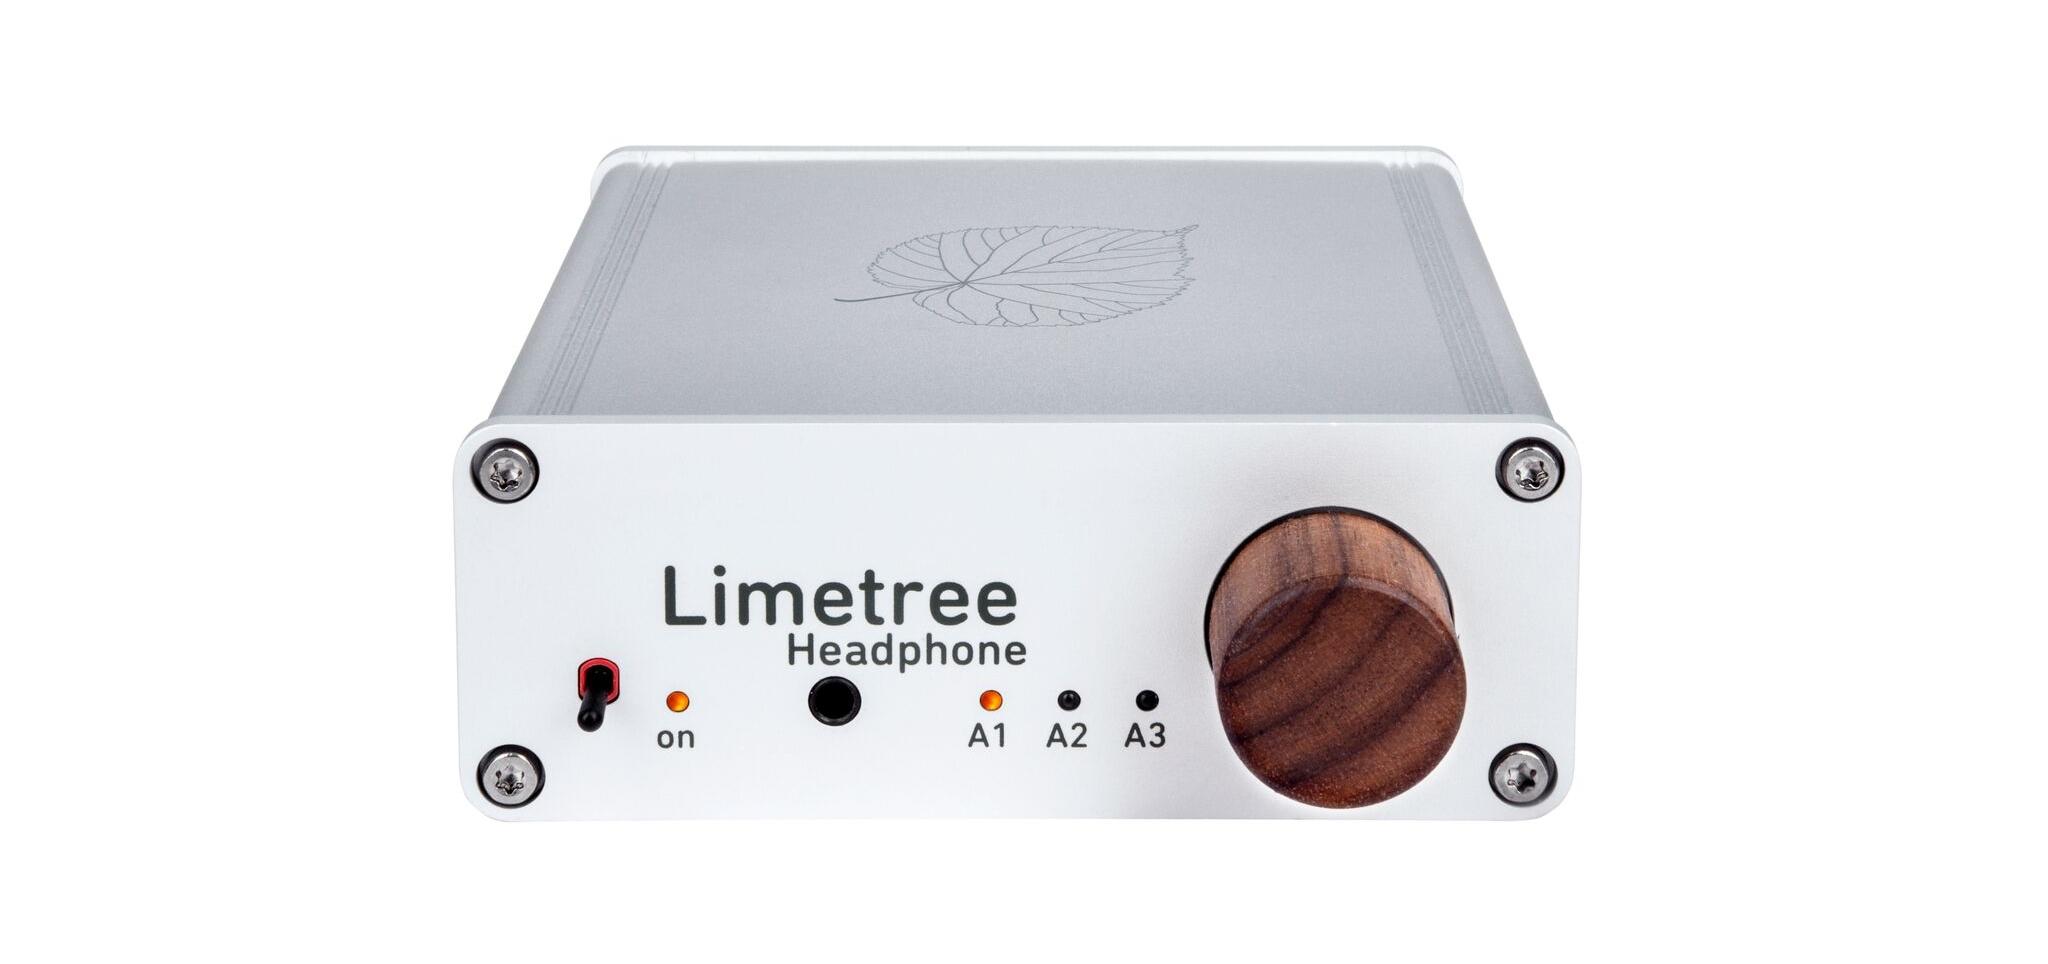 LimetreeHeadphone_Whitescreen